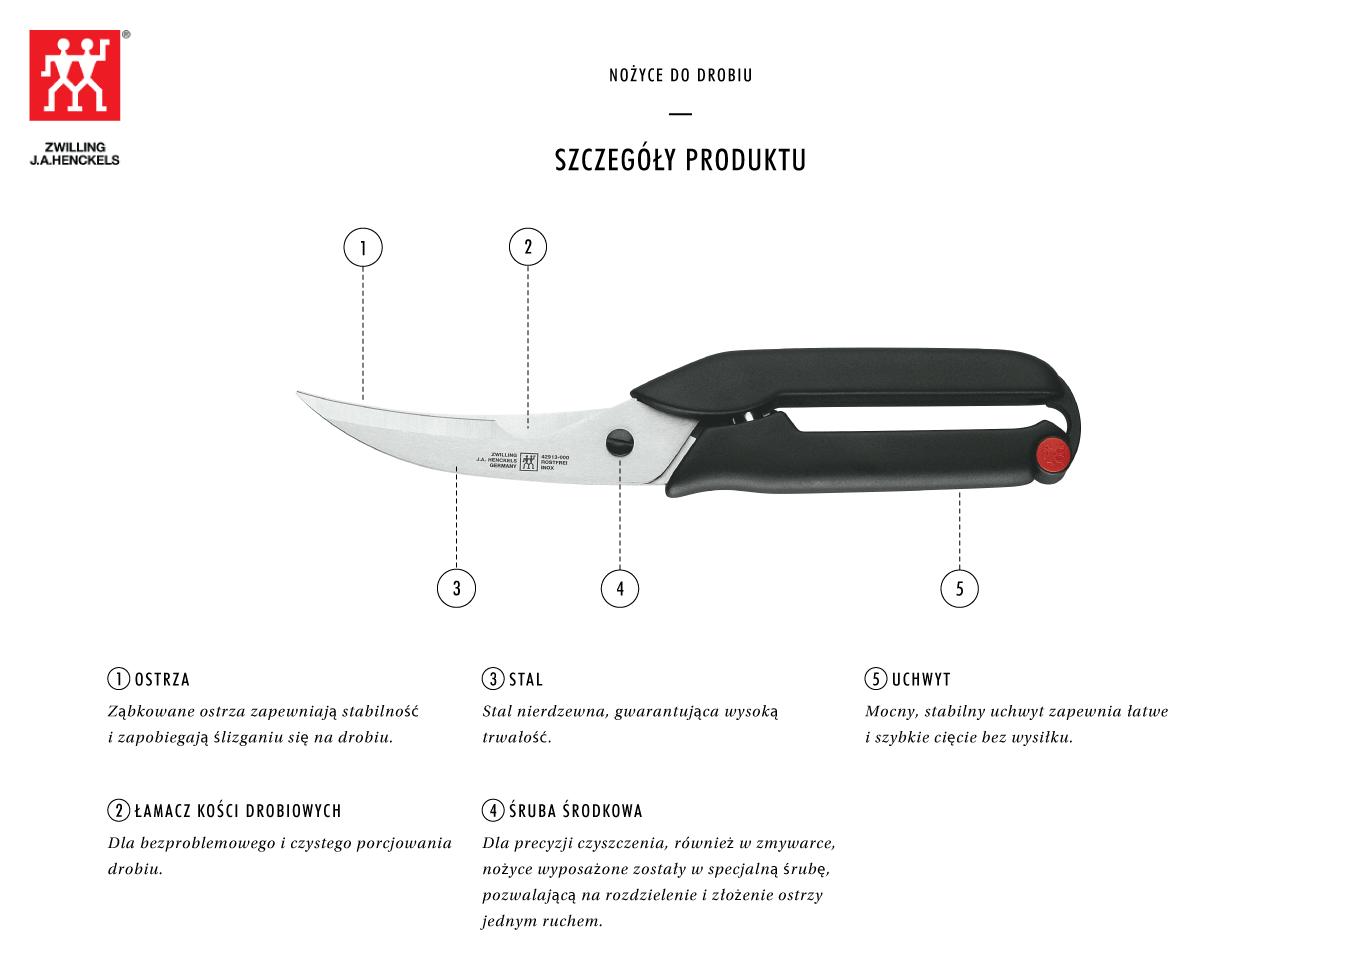 Dlaczego warto kupić nożyce do drobiu Zwilling®?